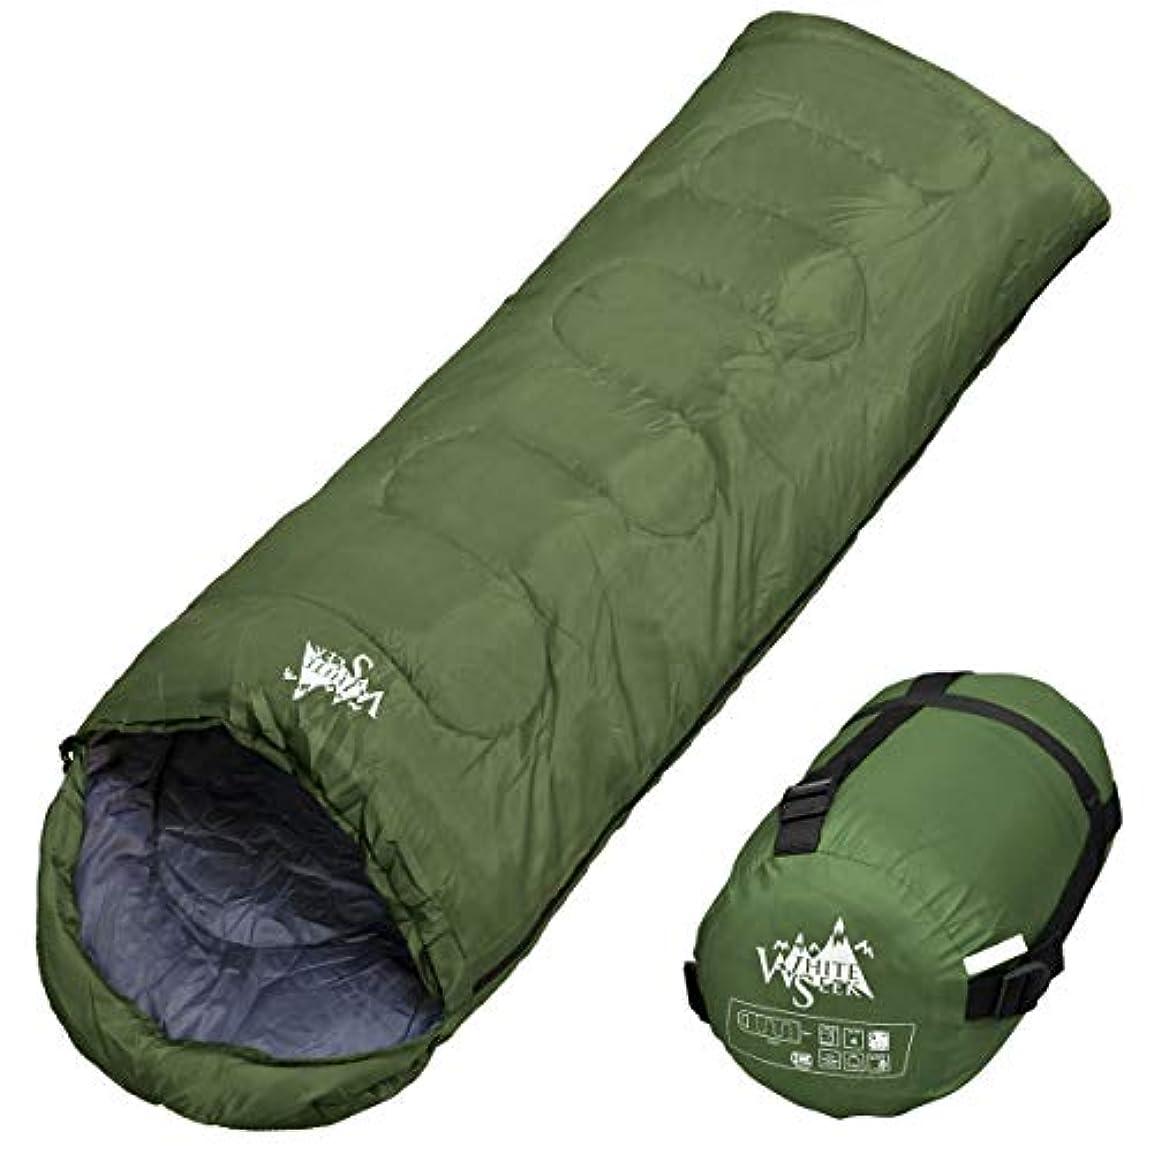 タイトマルコポーロ結果としてarchi 寝袋 シュラフ 封筒型 コンパクト収納タイプ 最低使用温度5℃ 1000g